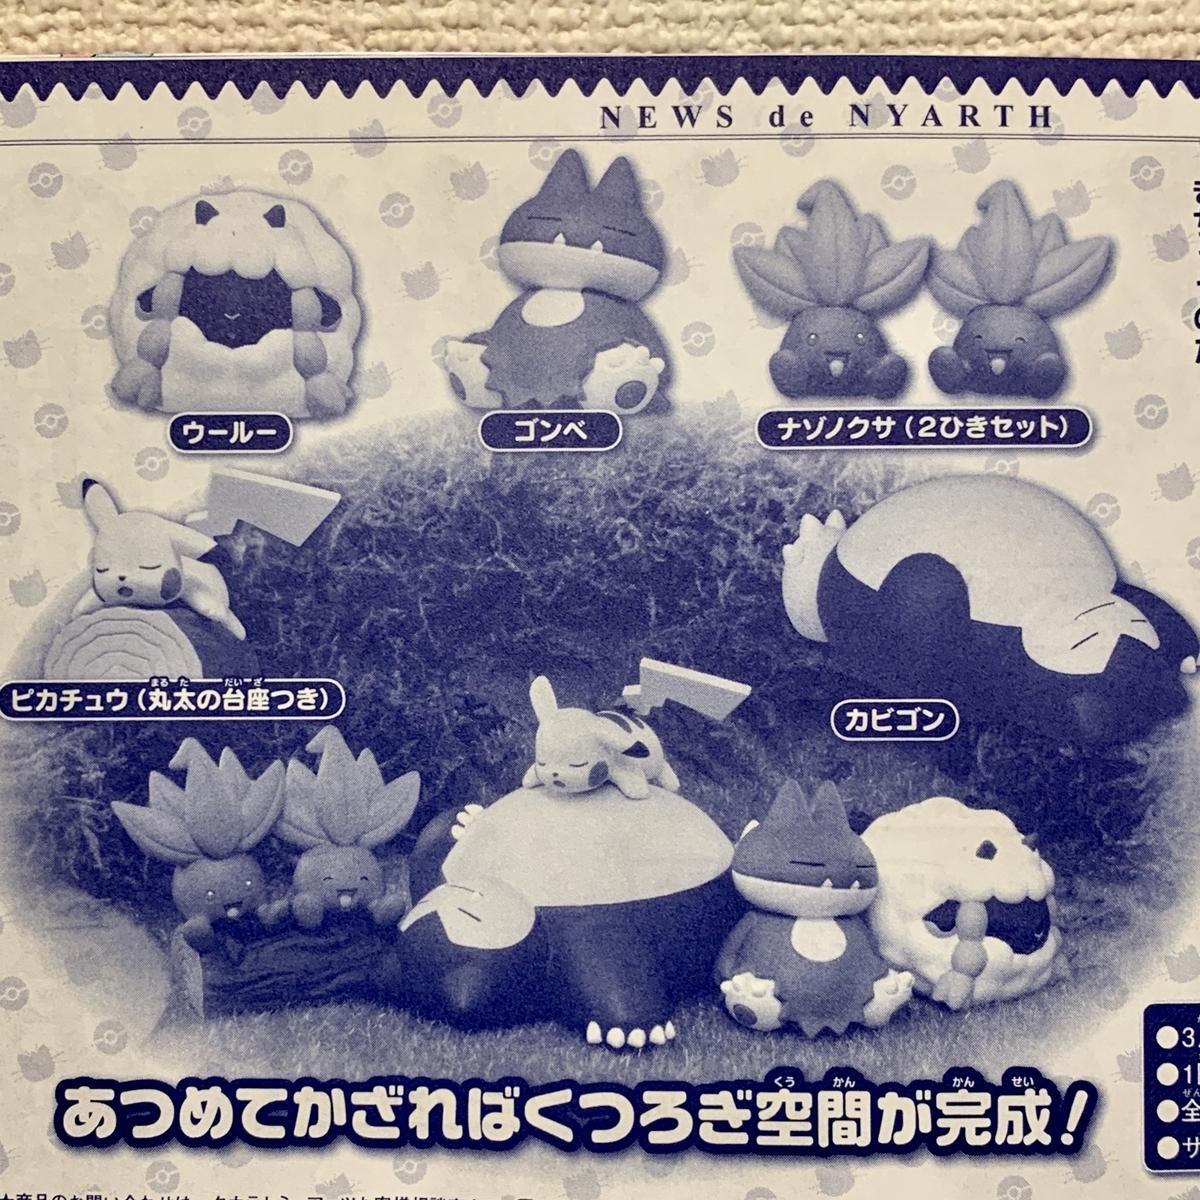 f:id:pikachu_pcn:20200229172800j:plain